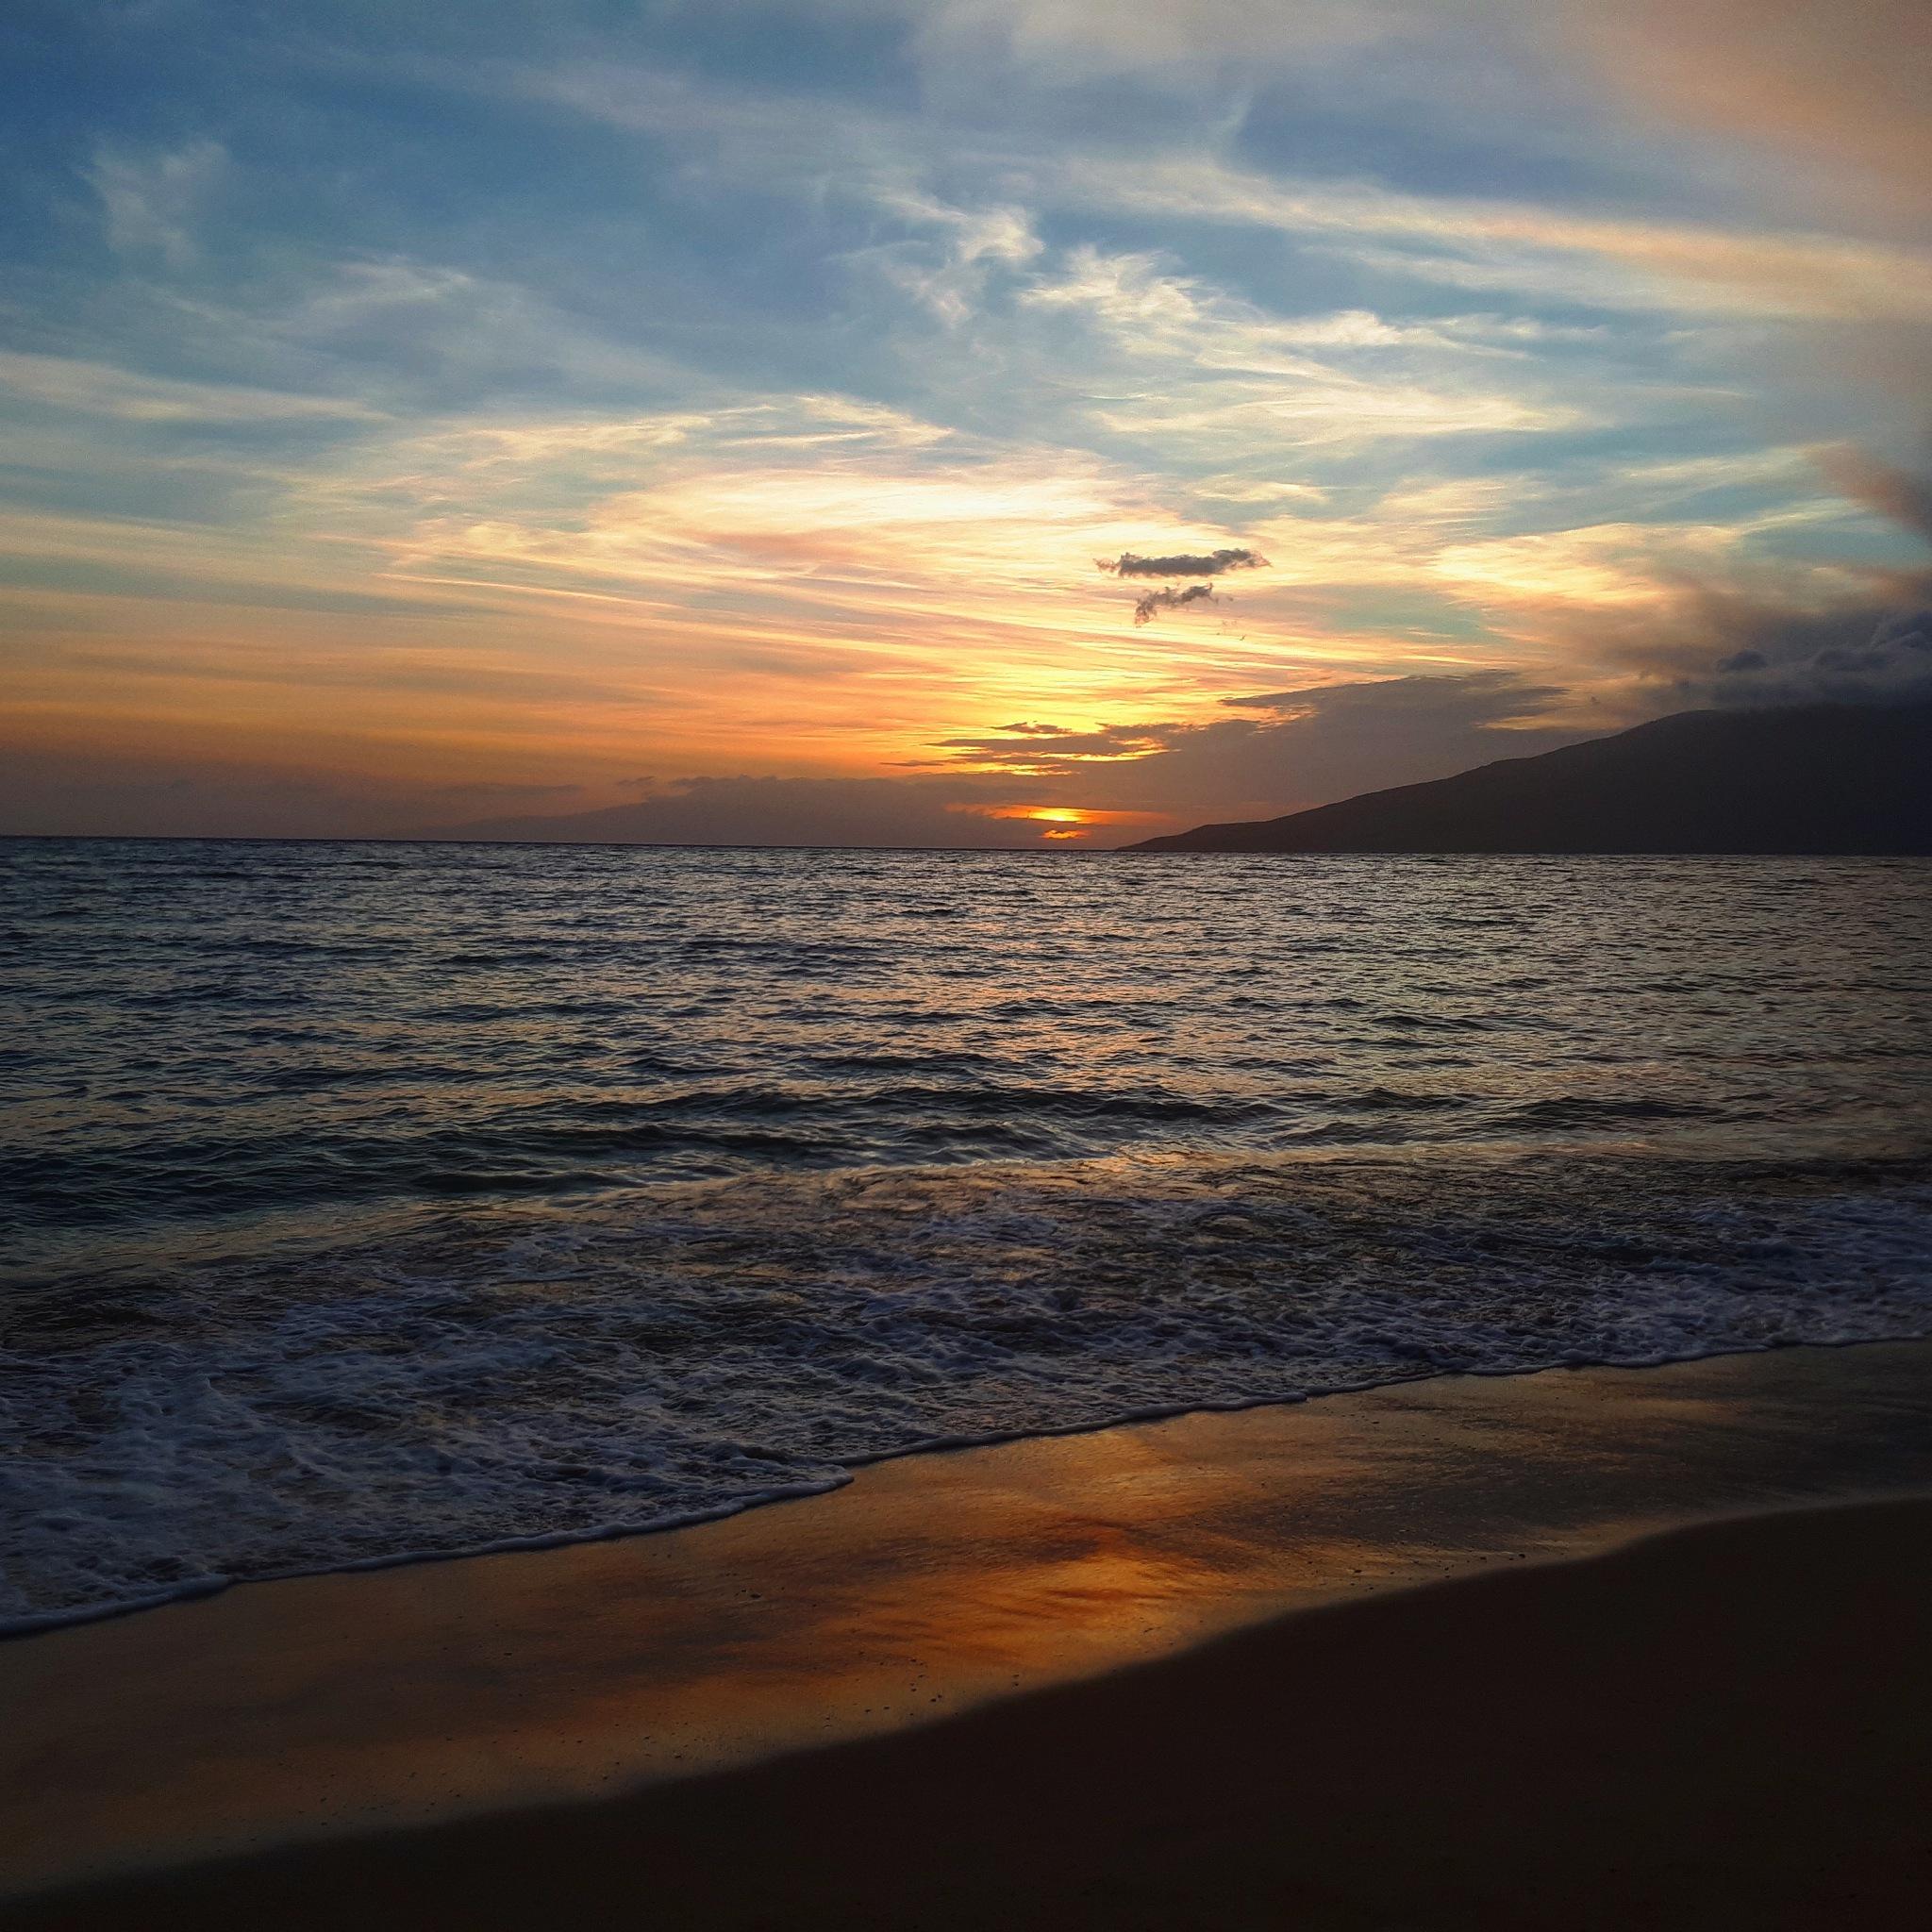 sunset in beach by Regina Guenka Palma-Dibb